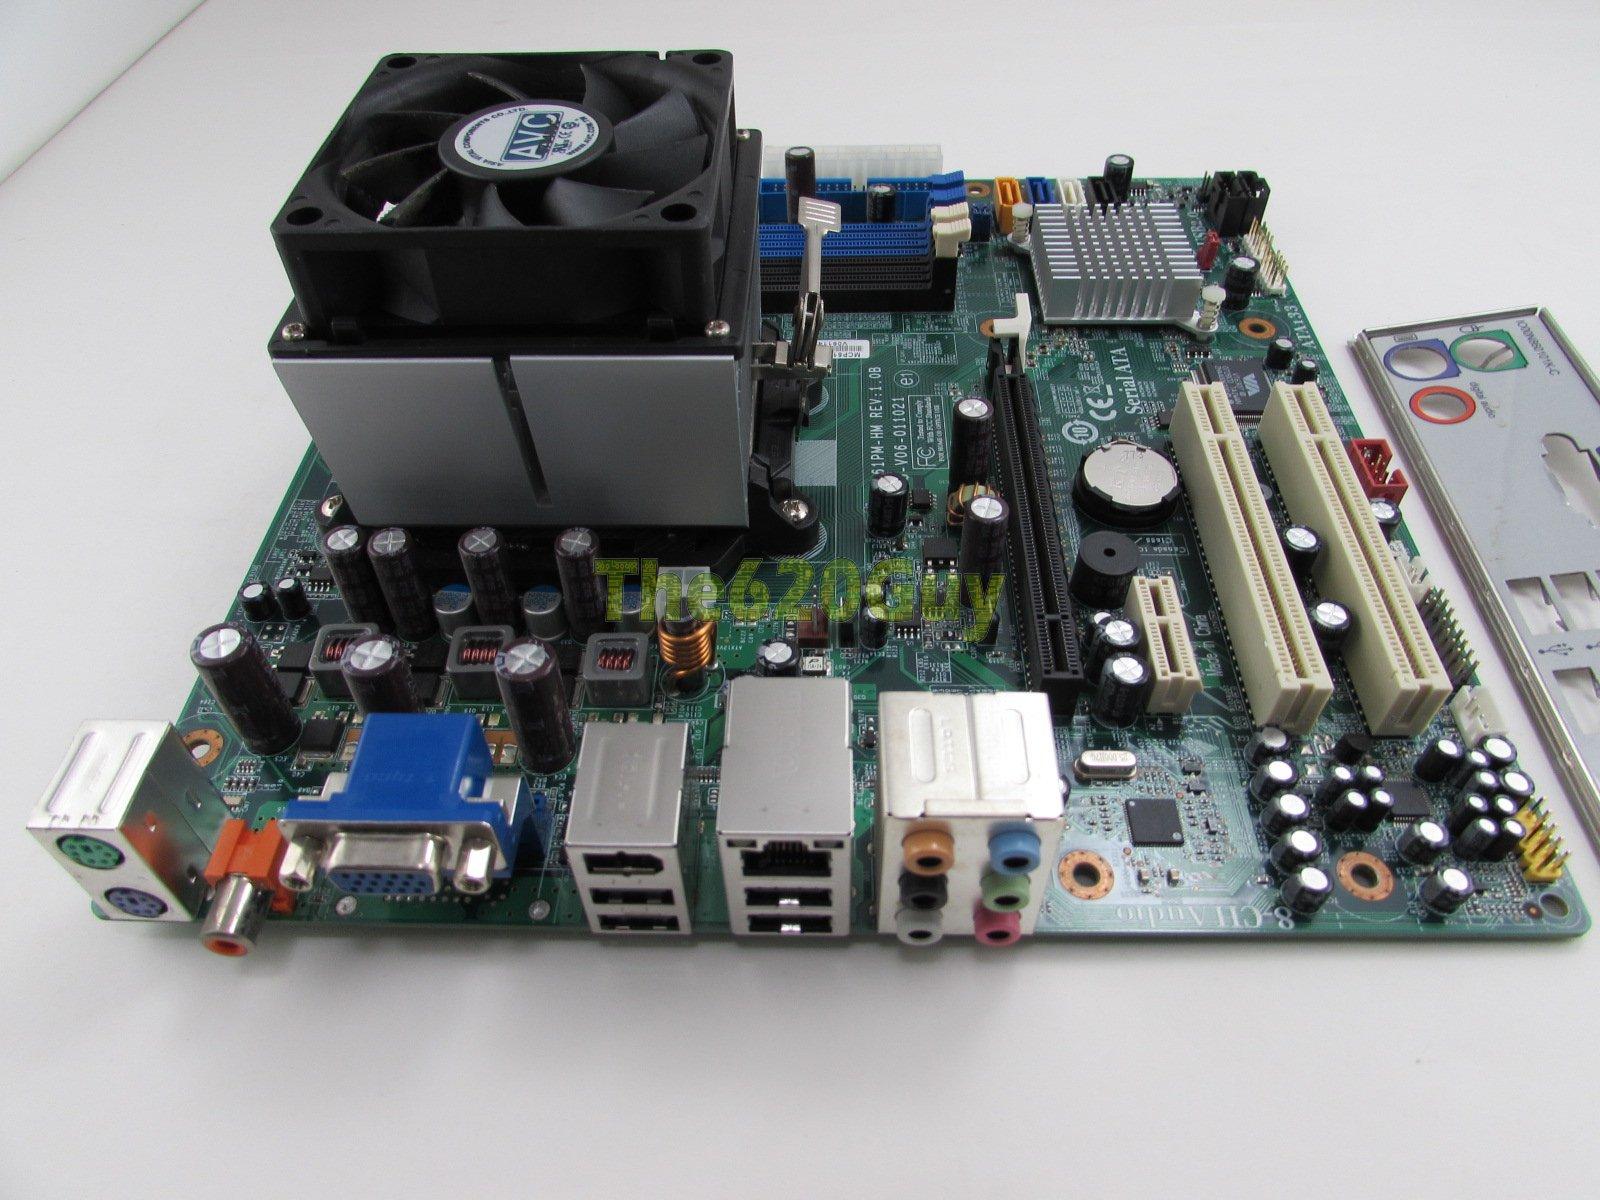 Ecs Hp Mcp61pm-hm Nettle2-gl8e 6150se Am2 Motherboard Manual - sevenvote